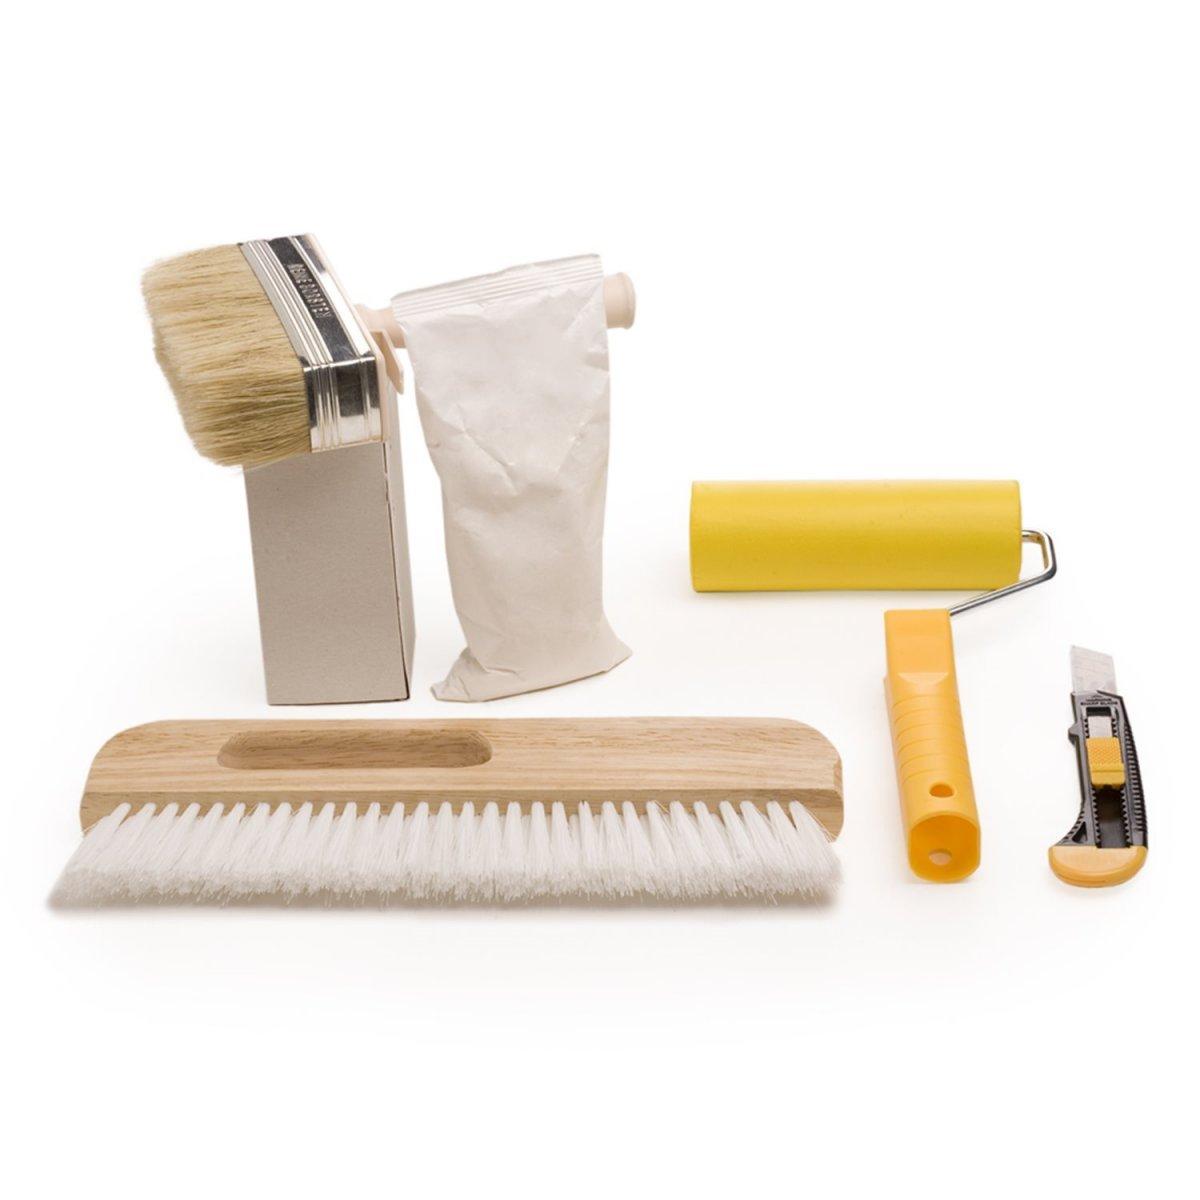 Εργαλεία για ταπετσαρίες | Mymegamarket.gr